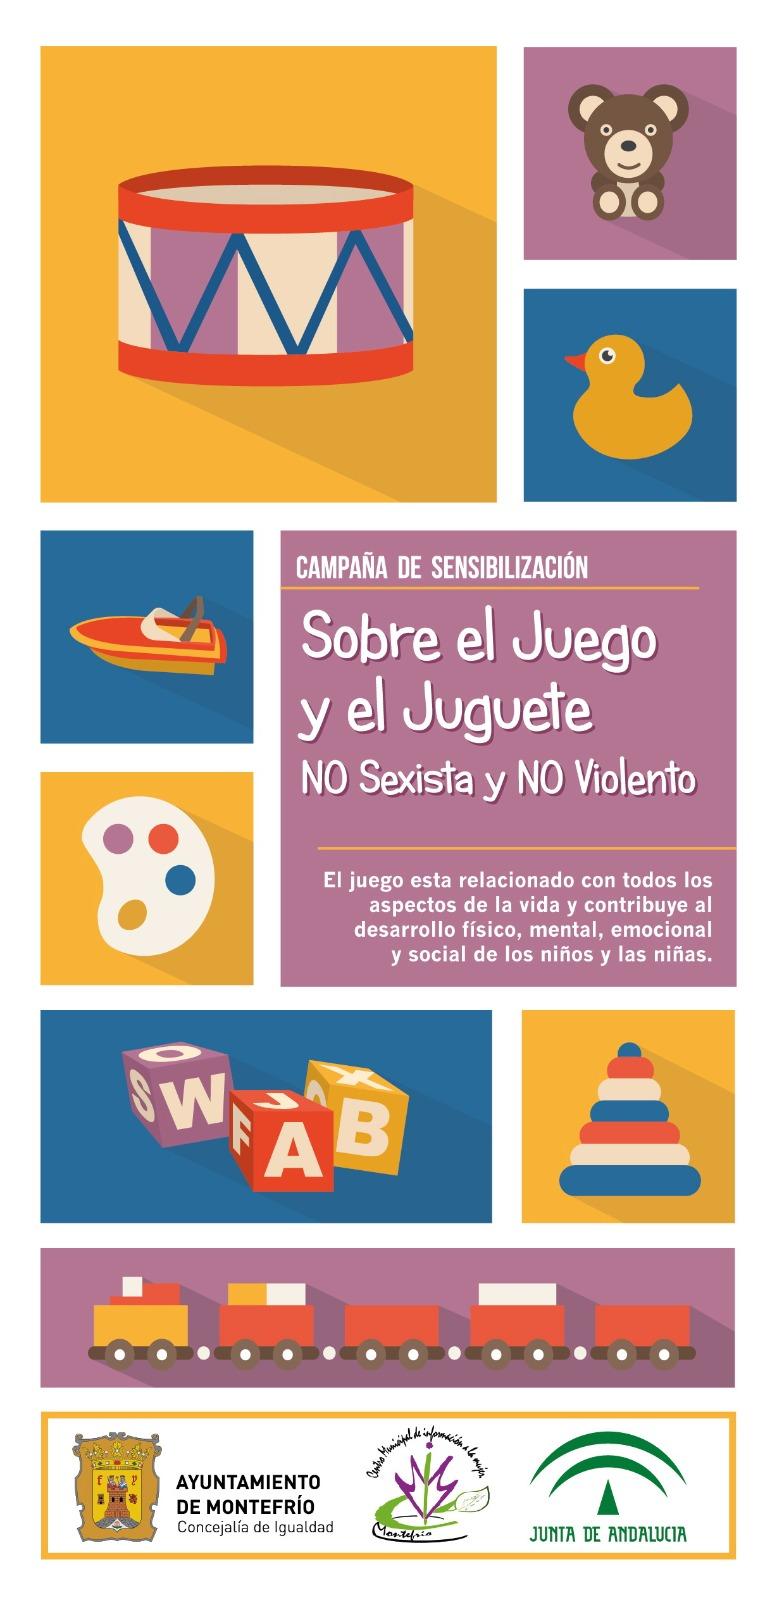 Montefrío lanza una campaña para promocionar el juguete no sexista ni violento en estas fiestas